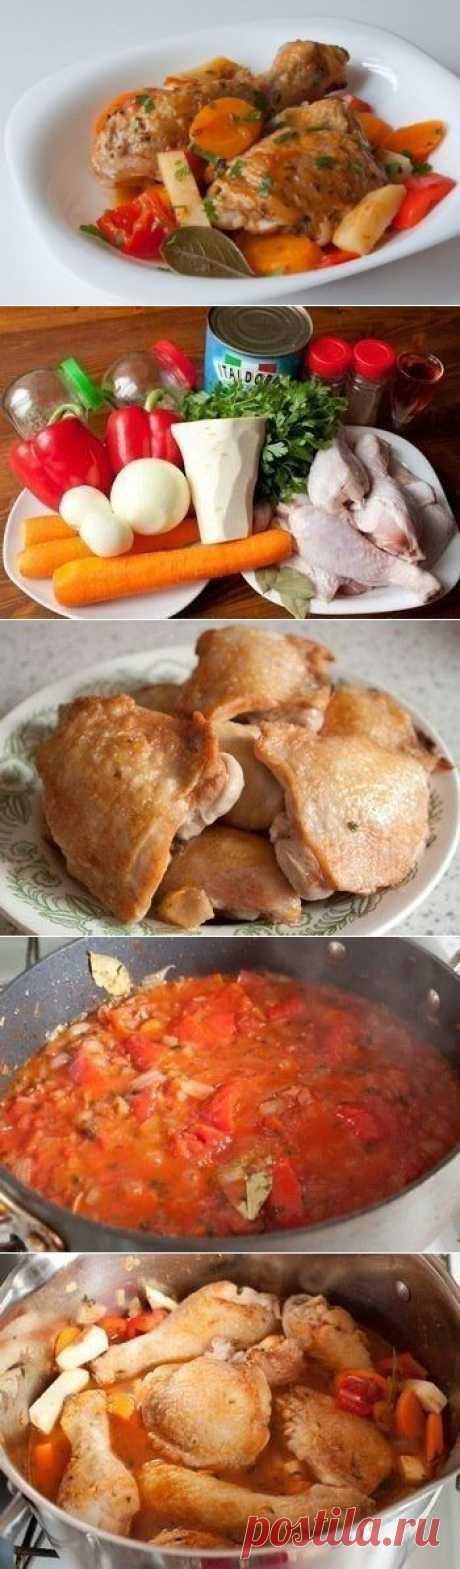 Как приготовить фрикасе из курицы по-креольски - рецепт, ингридиенты и фотографии